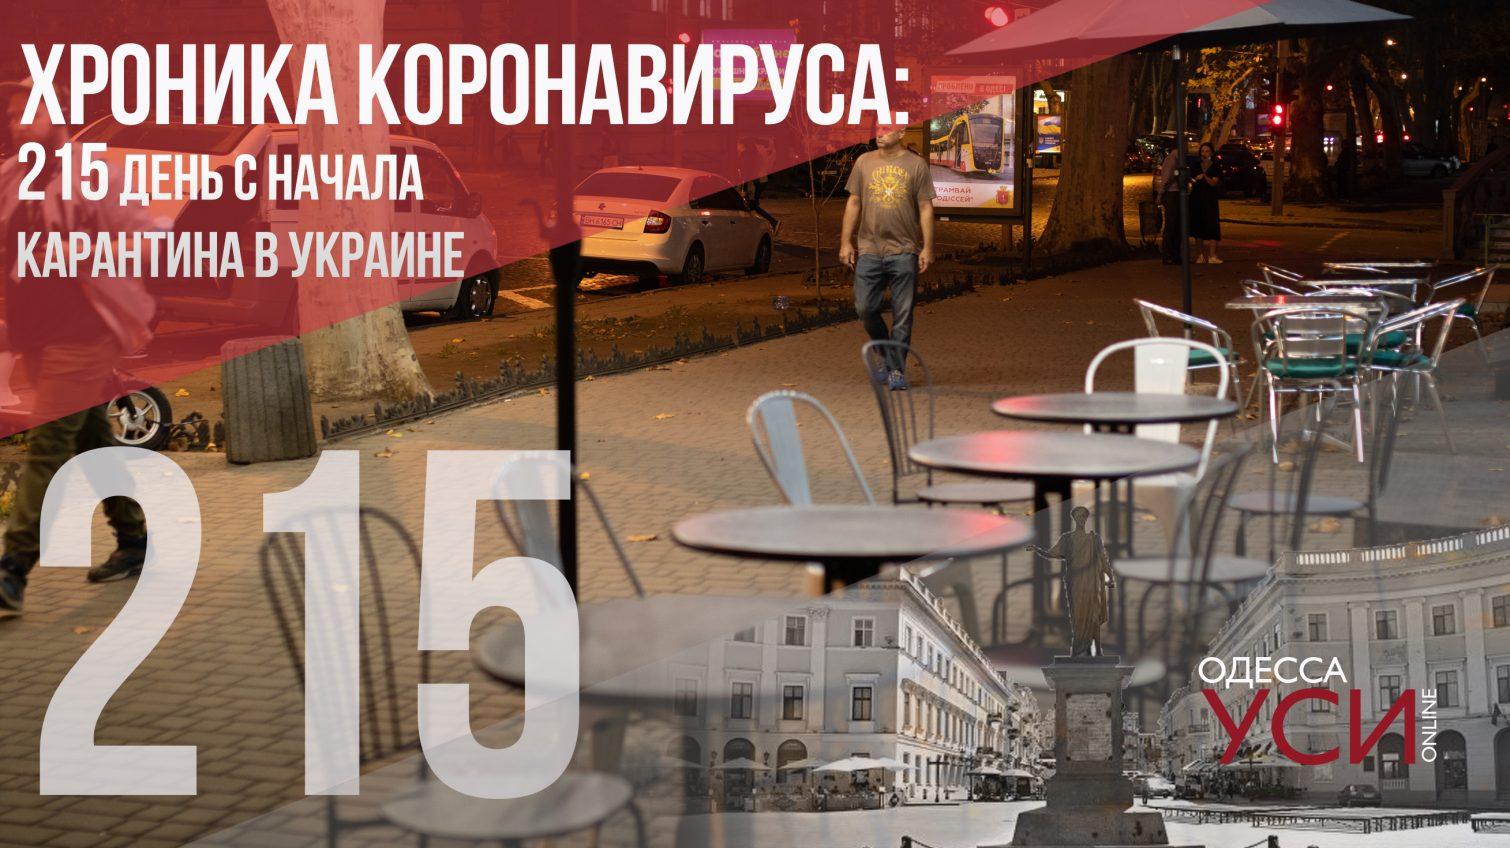 Хроника коронавируса: 215-й день карантина в Украине – 10 умерших в Одесской области «фото»